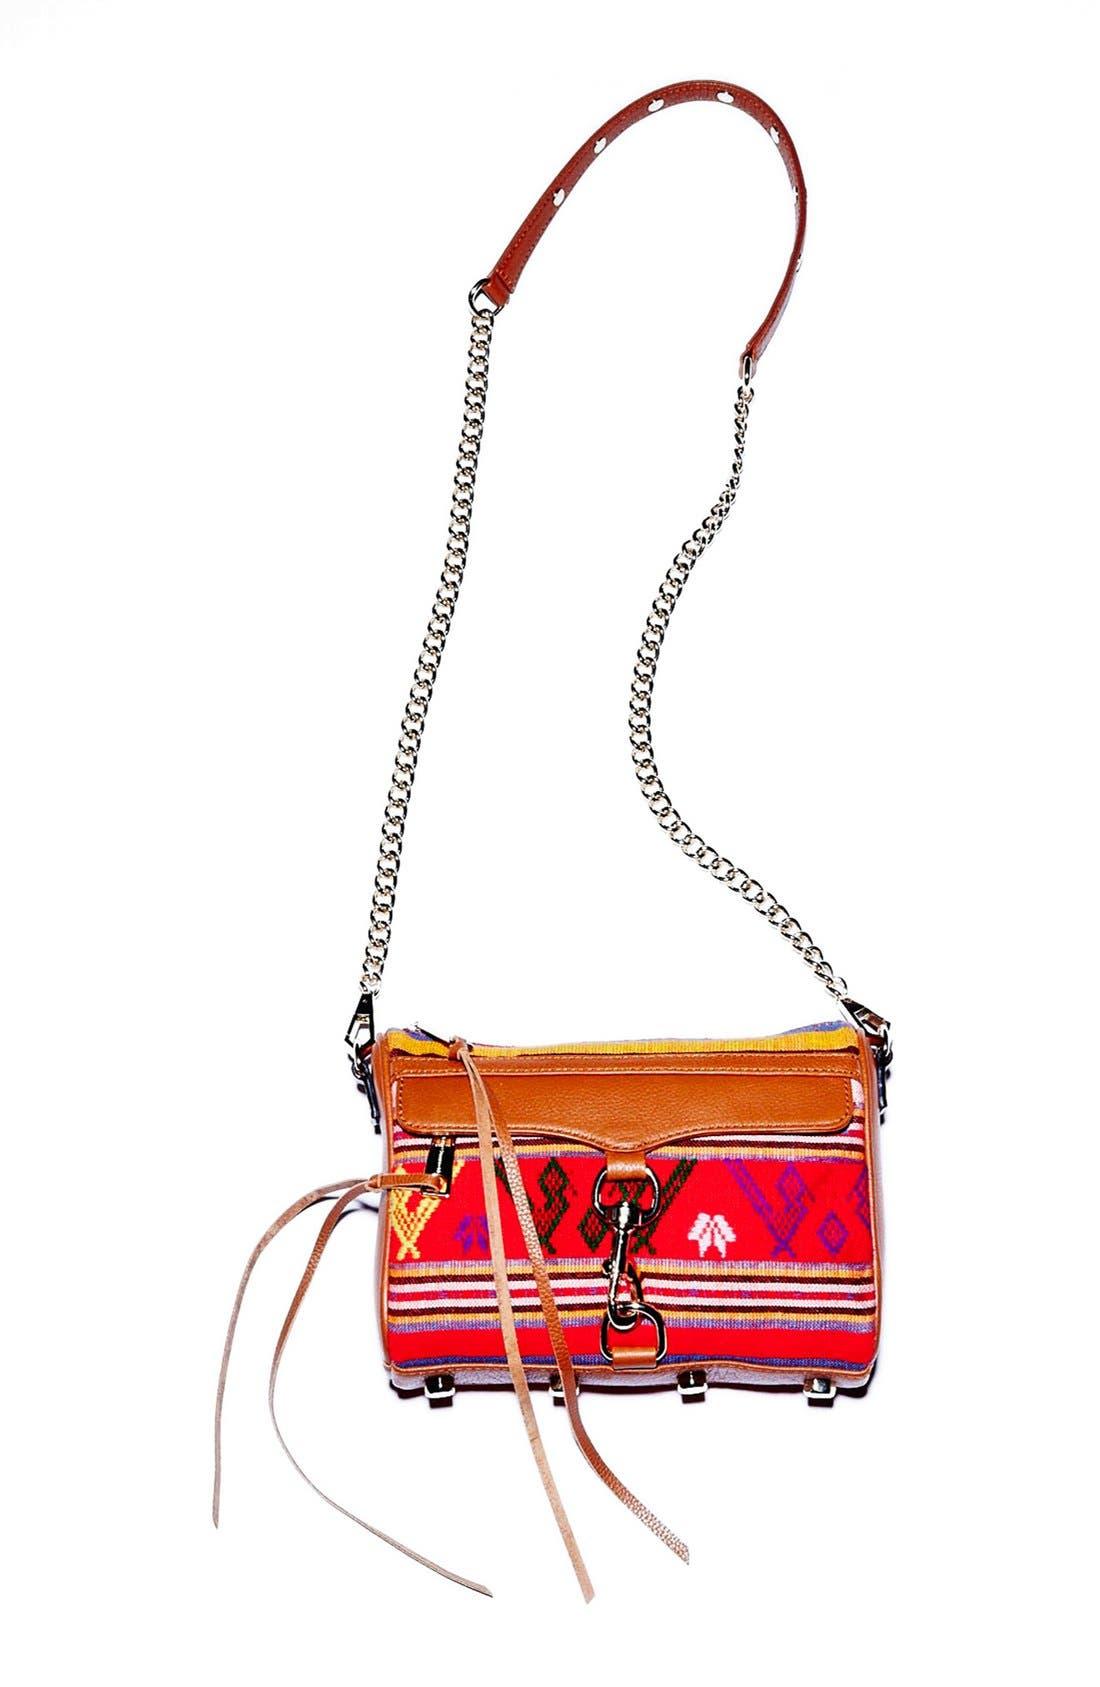 Piece & Co. and Rebecca Minkoff 'Mini MAC' Convertible Crossbody Bag,                             Alternate thumbnail 8, color,                             Orange Multi